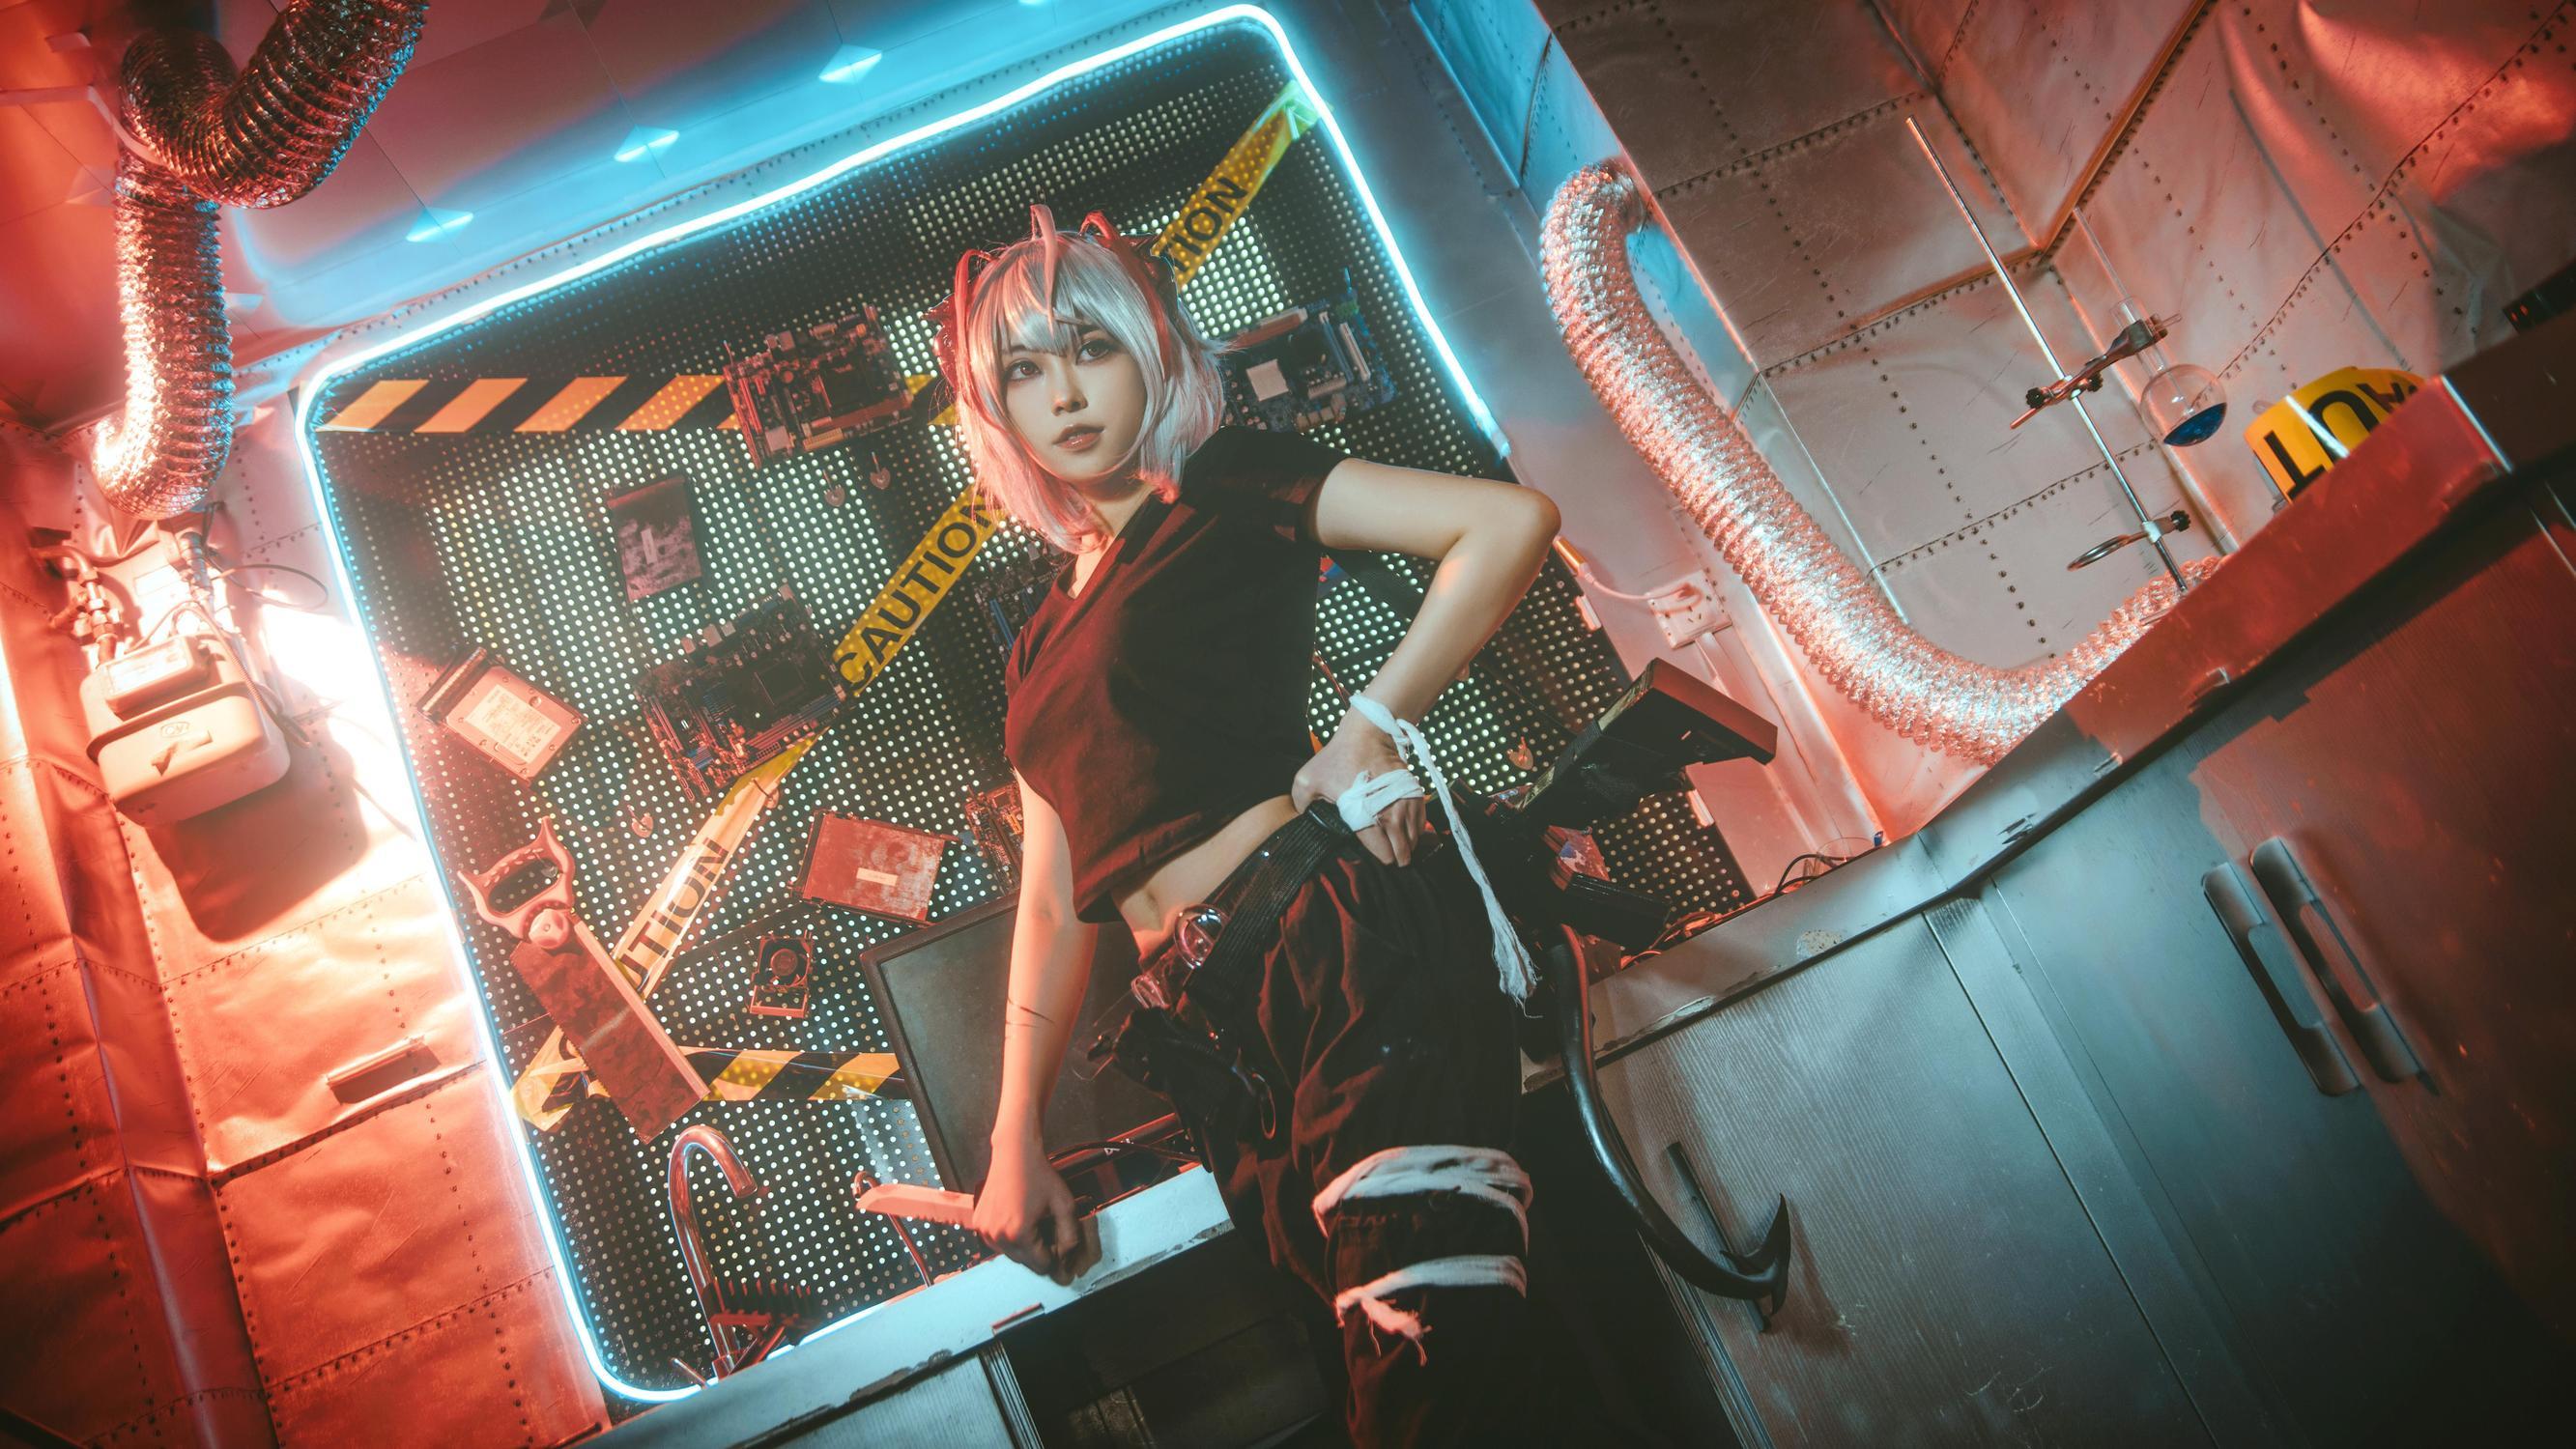 《明日方舟》游戏cosplay【CN:苍央鲤庭】-第8张